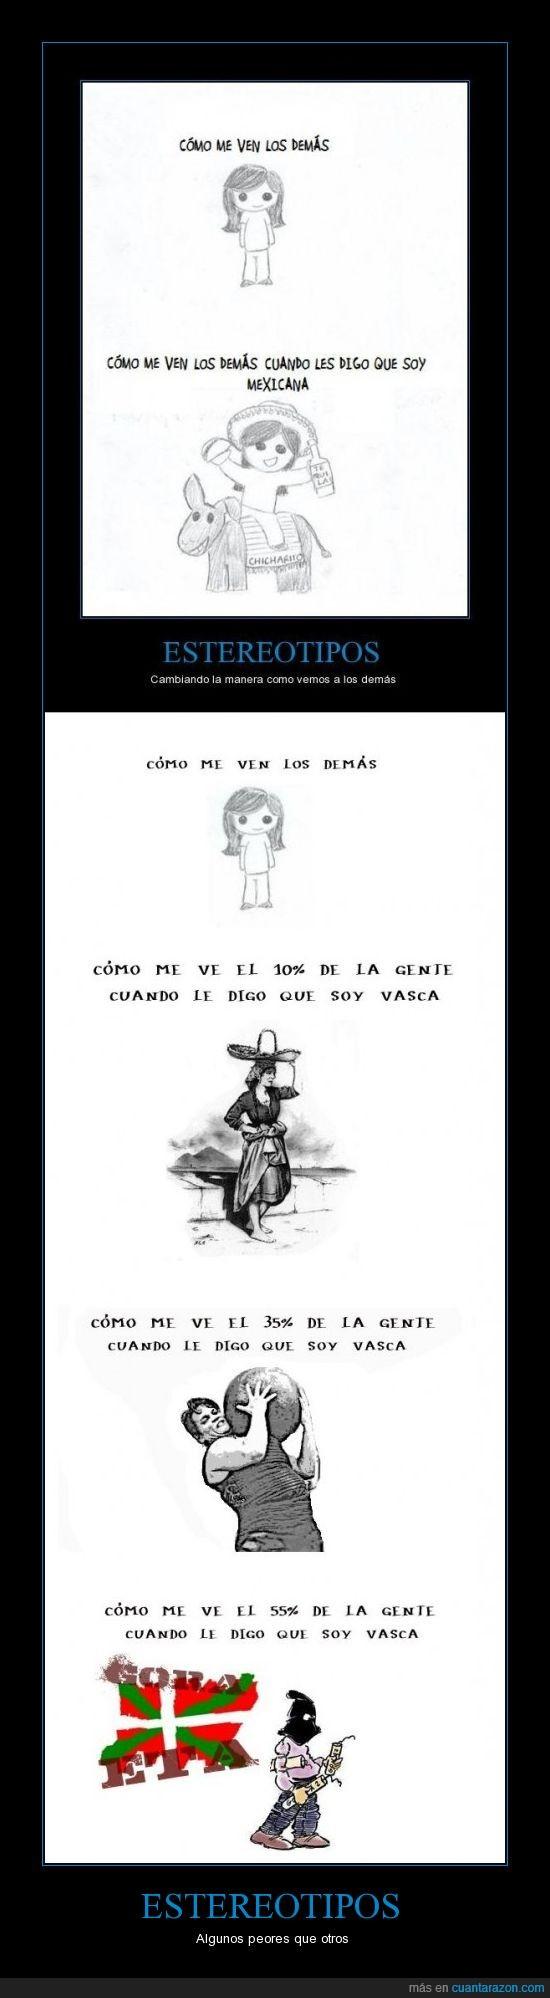 burro,estereotipos,mexicana,peor,vasca